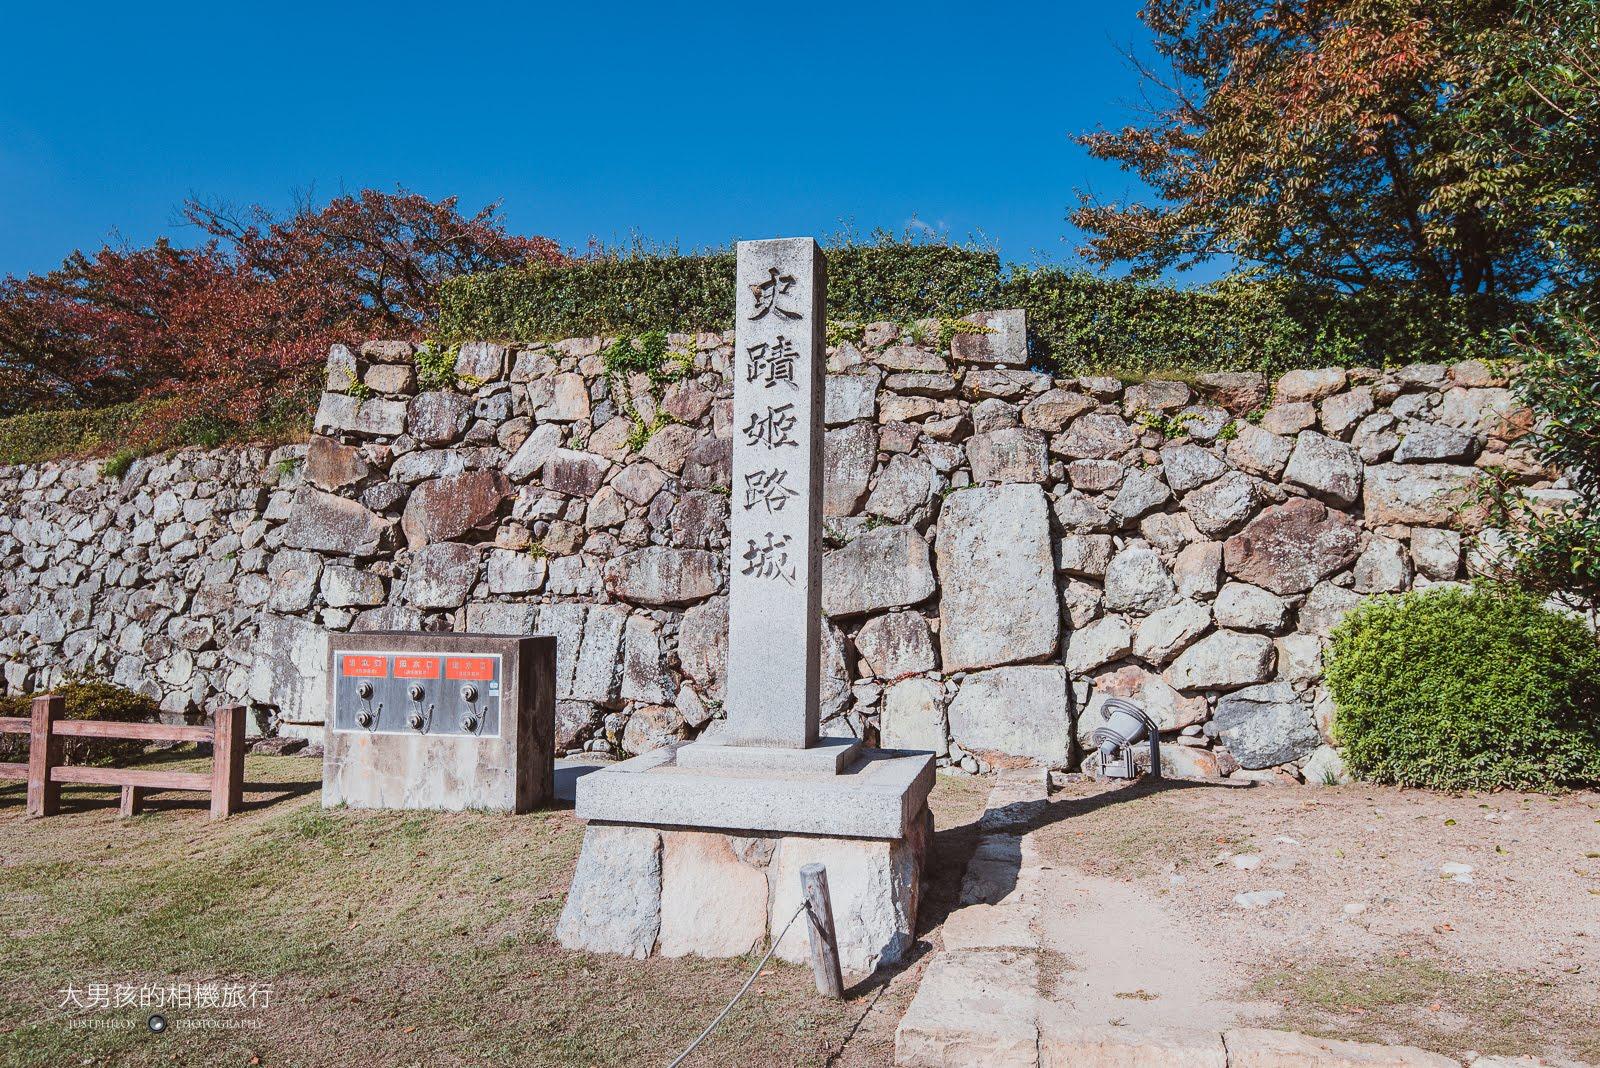 姬路城算得上是日本國寶級的建築了,只能說日本對古蹟保存真的非常重視。